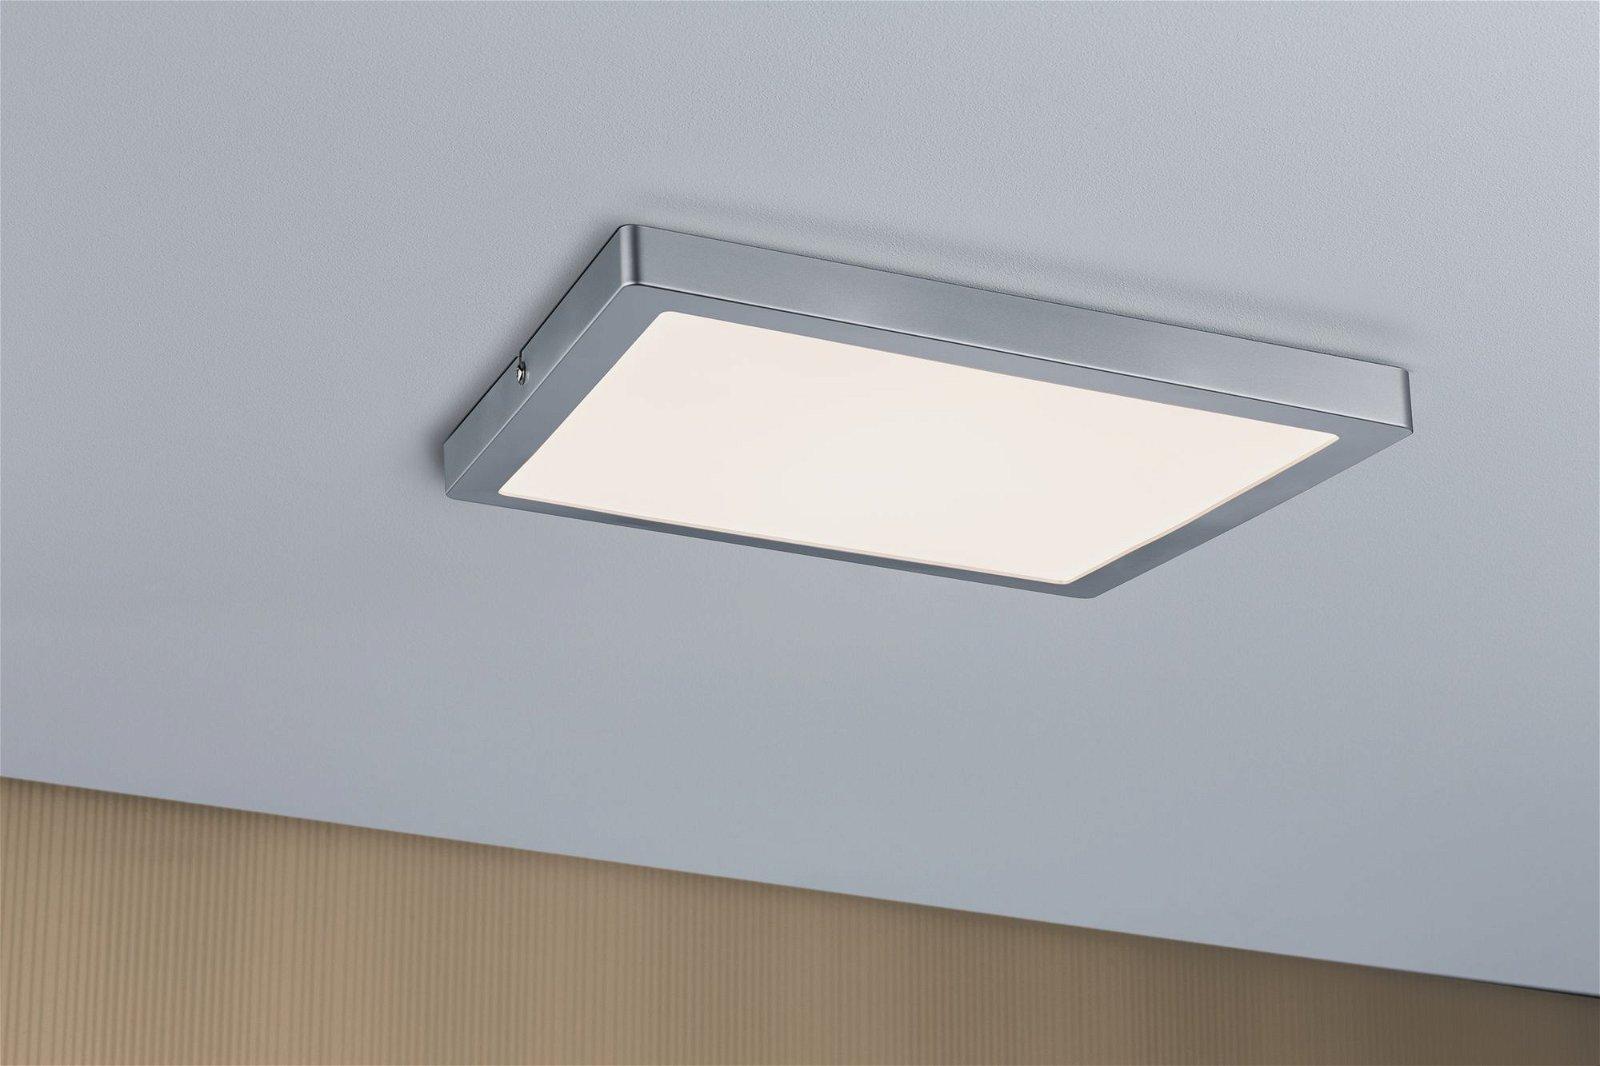 Panneau LED Atria carré 300x300mm 2700K Chrome mat